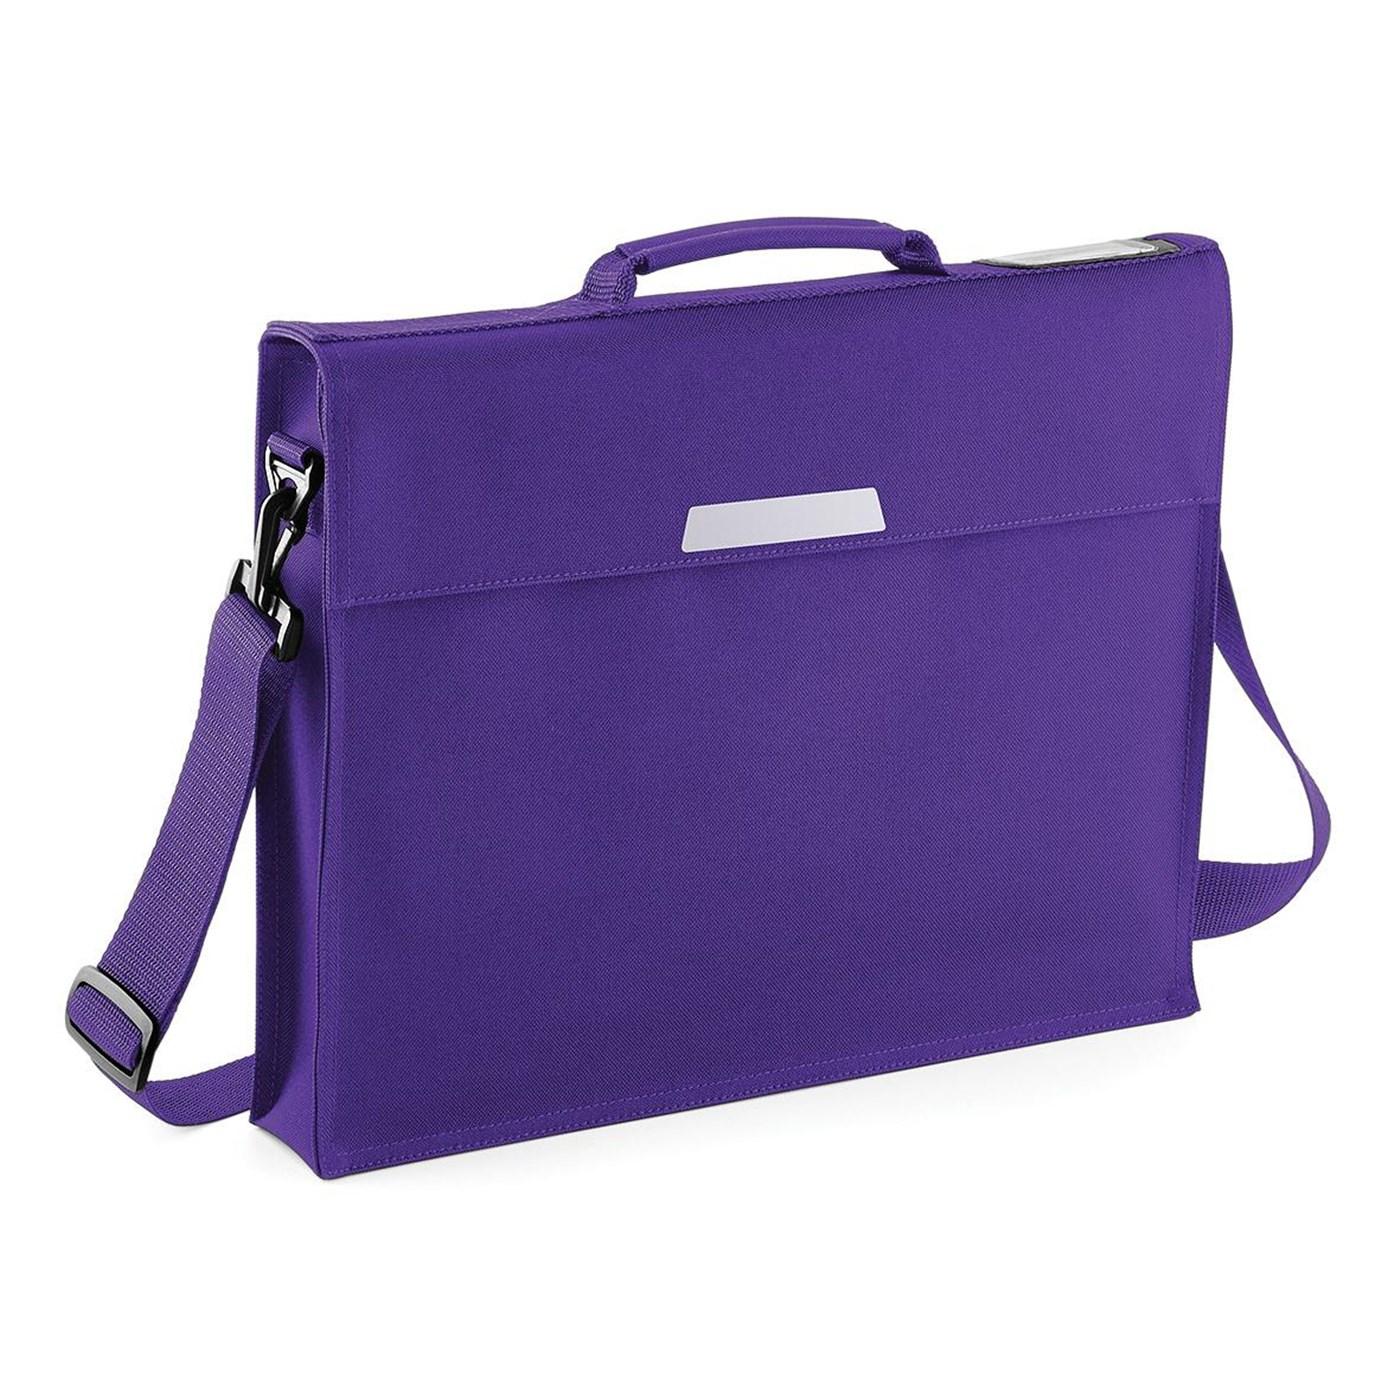 6542c789f0c Quadra Academy Book Bag With Shoulder Strap